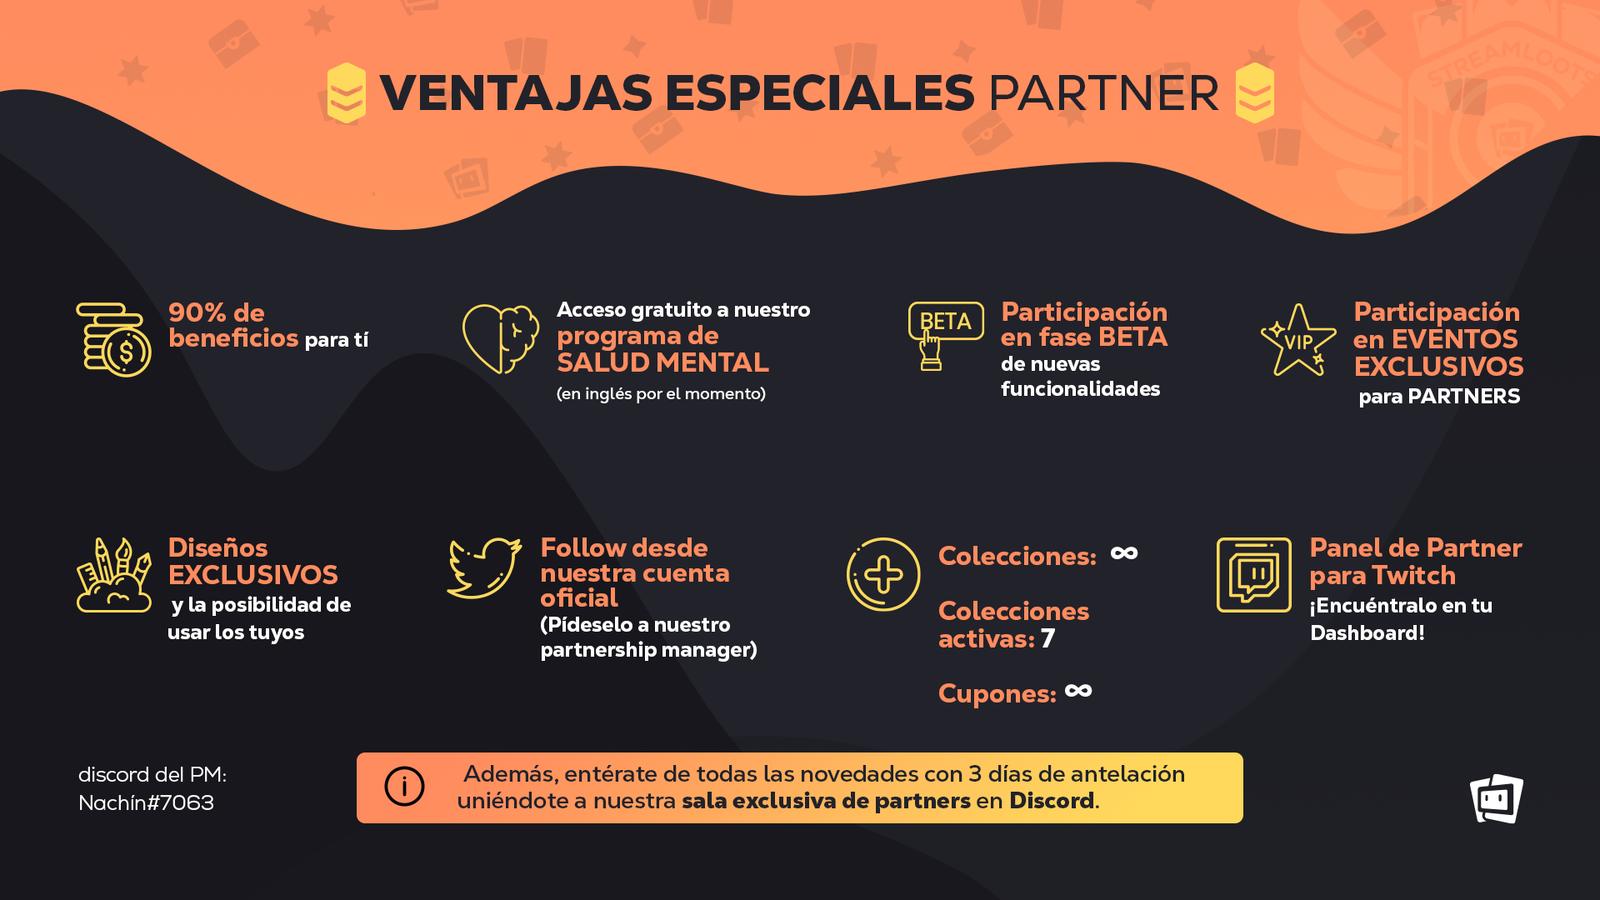 Ventajas especiales de partners